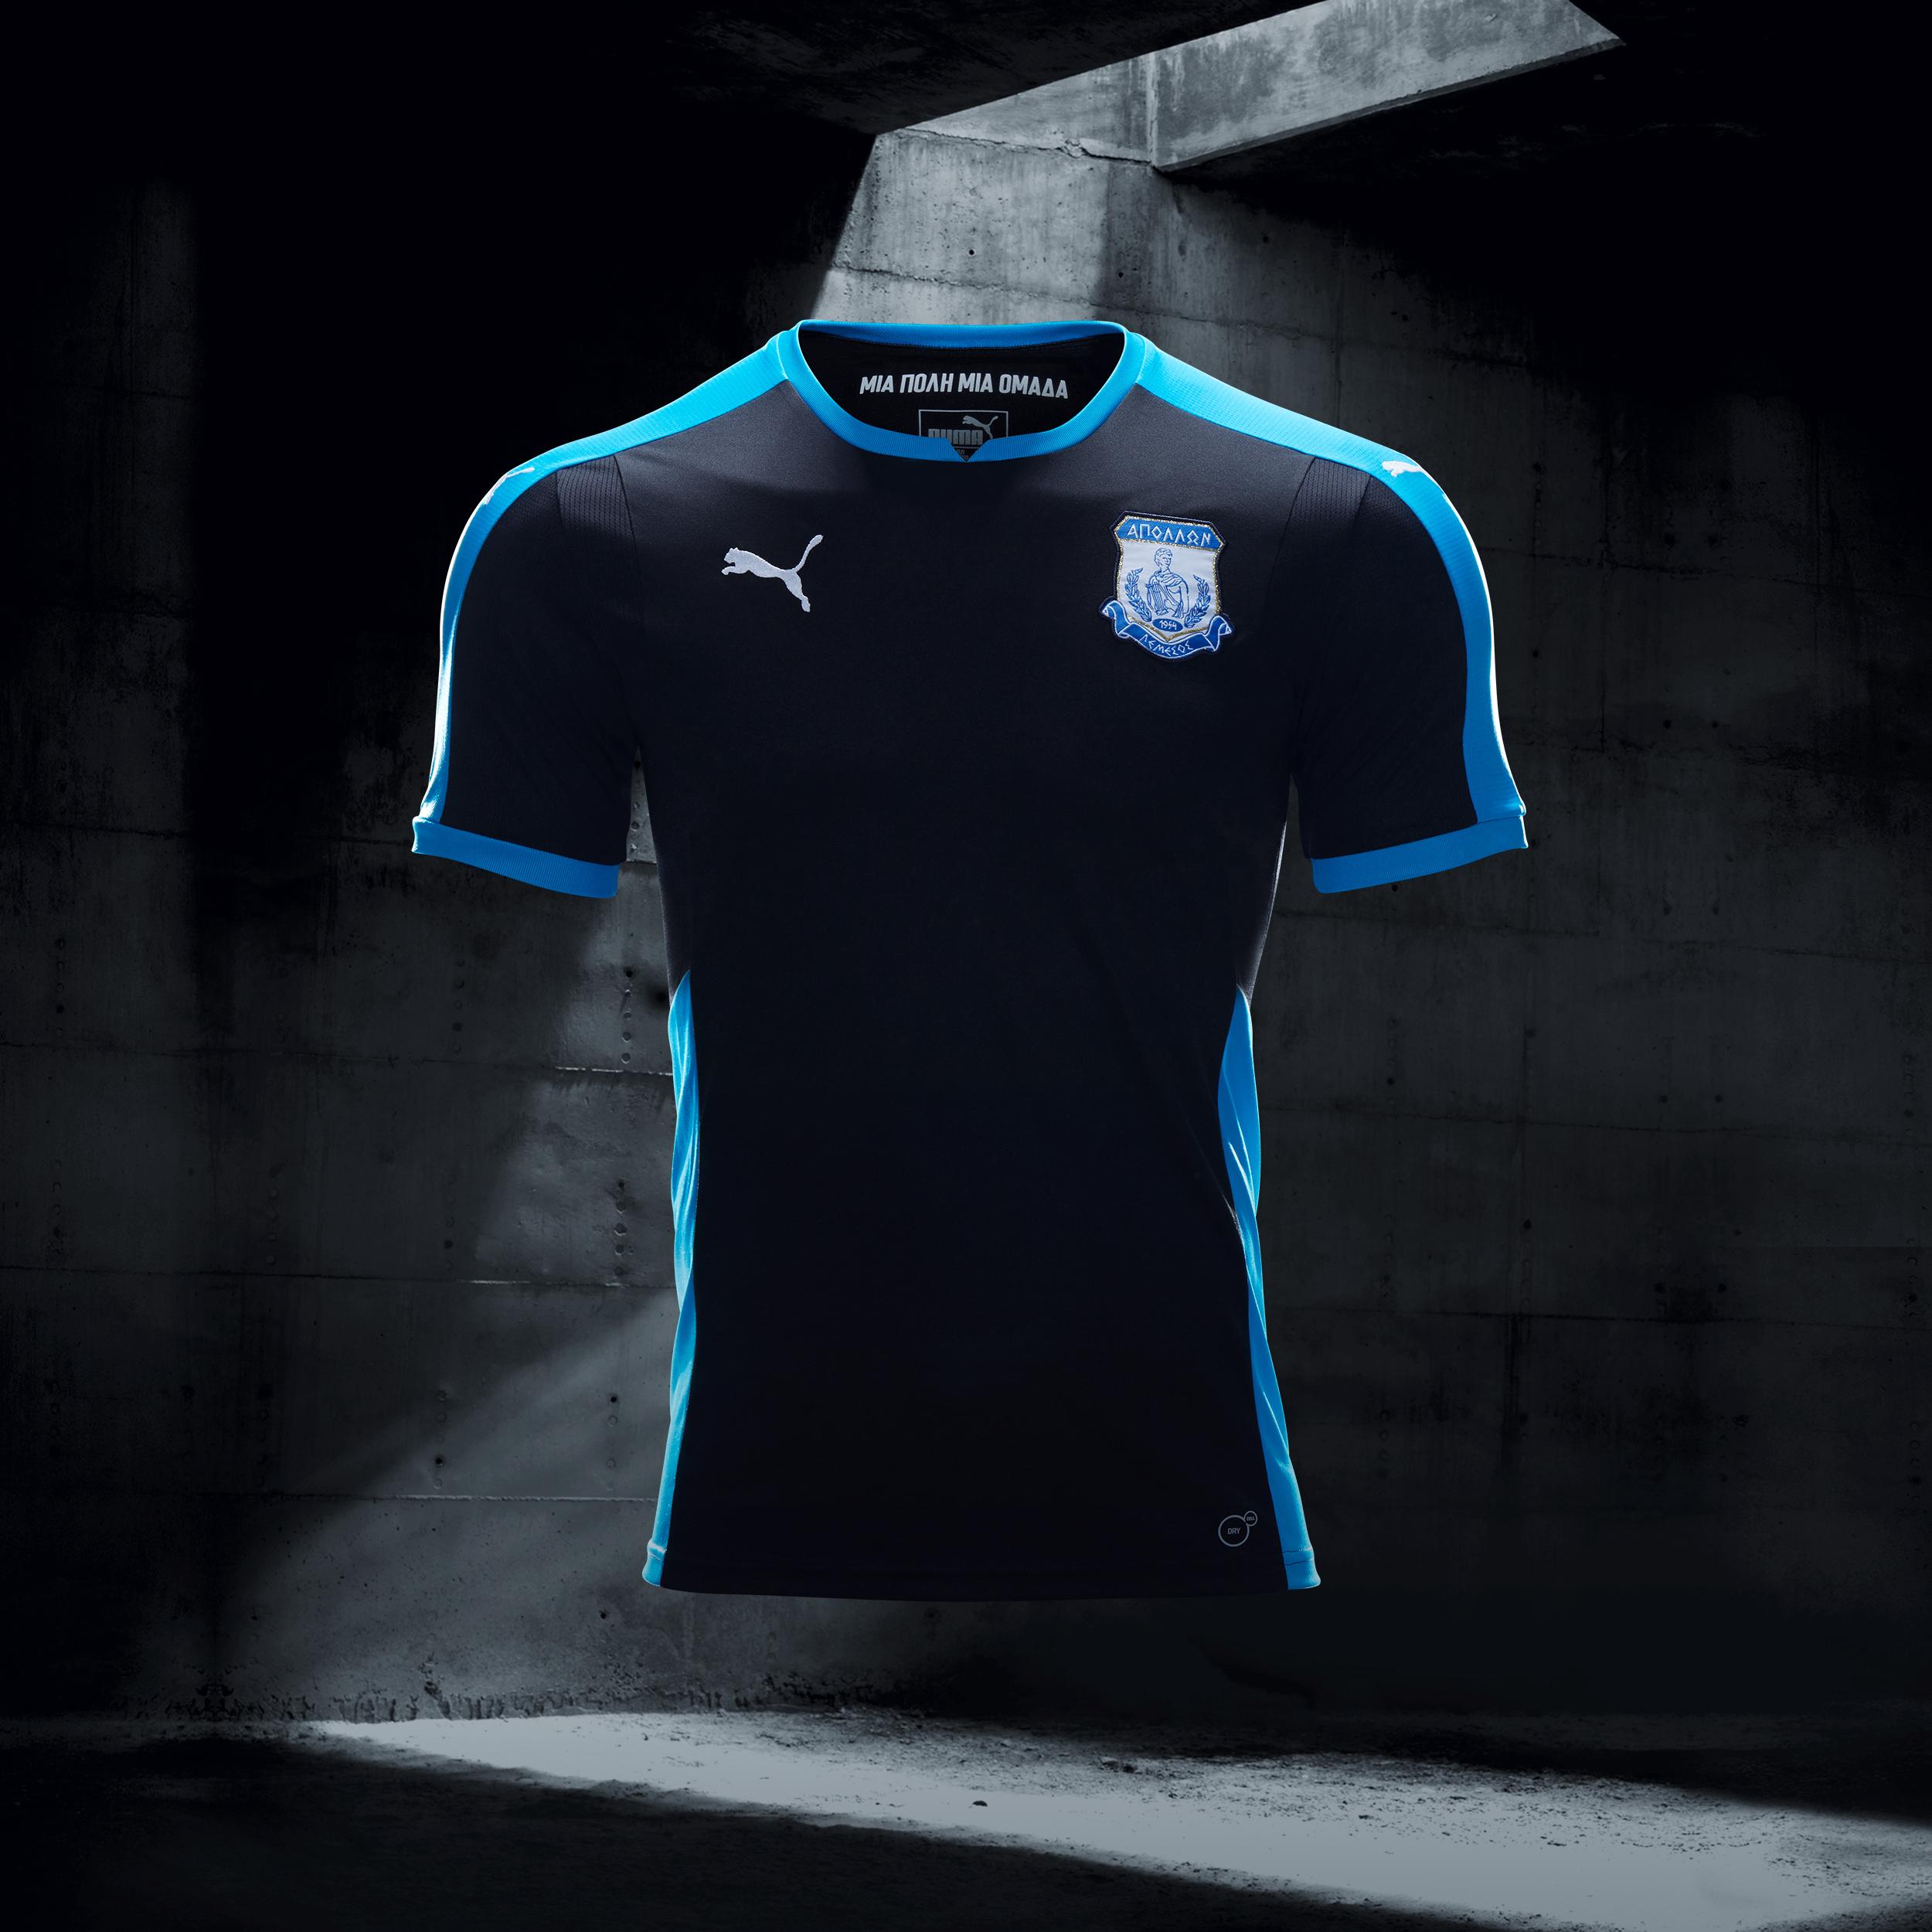 Puma lança 23 novas camisas de times de uma vez  veja todas  392e8df8afa76